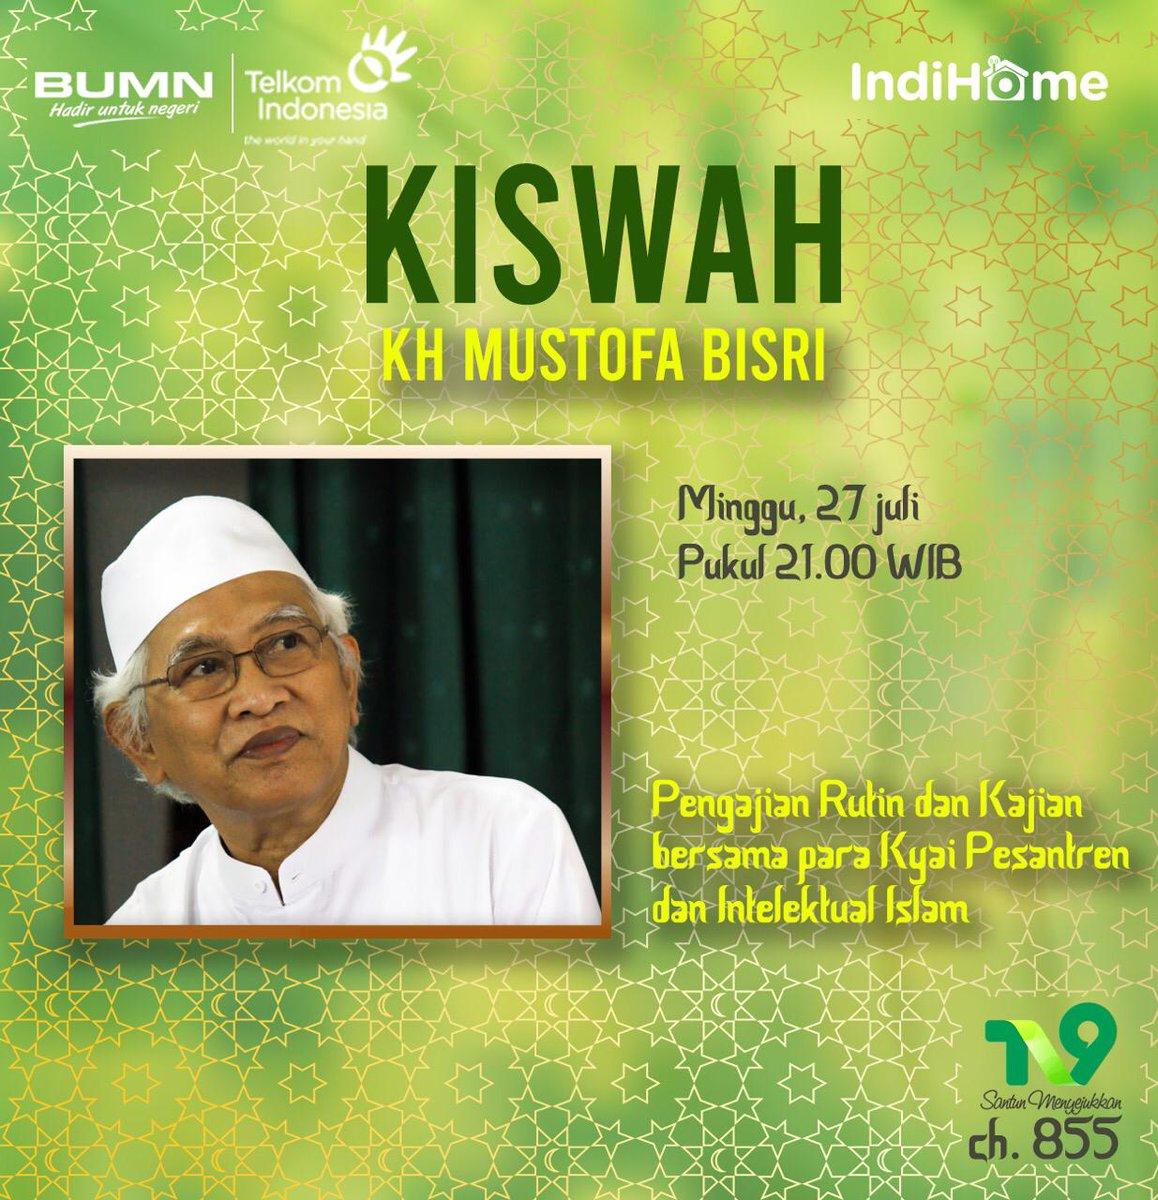 """Ikuti #KISWAHIndiHome bersama @gusmusgusmu """"Pengajian Rutin dan Kajian Bersama para Kyai Pesantren dan Intelektual Islam"""". Alhamdulillah ~ FR @TelkomIndonesia @TelkomCare @IndiHome @telkomsel"""